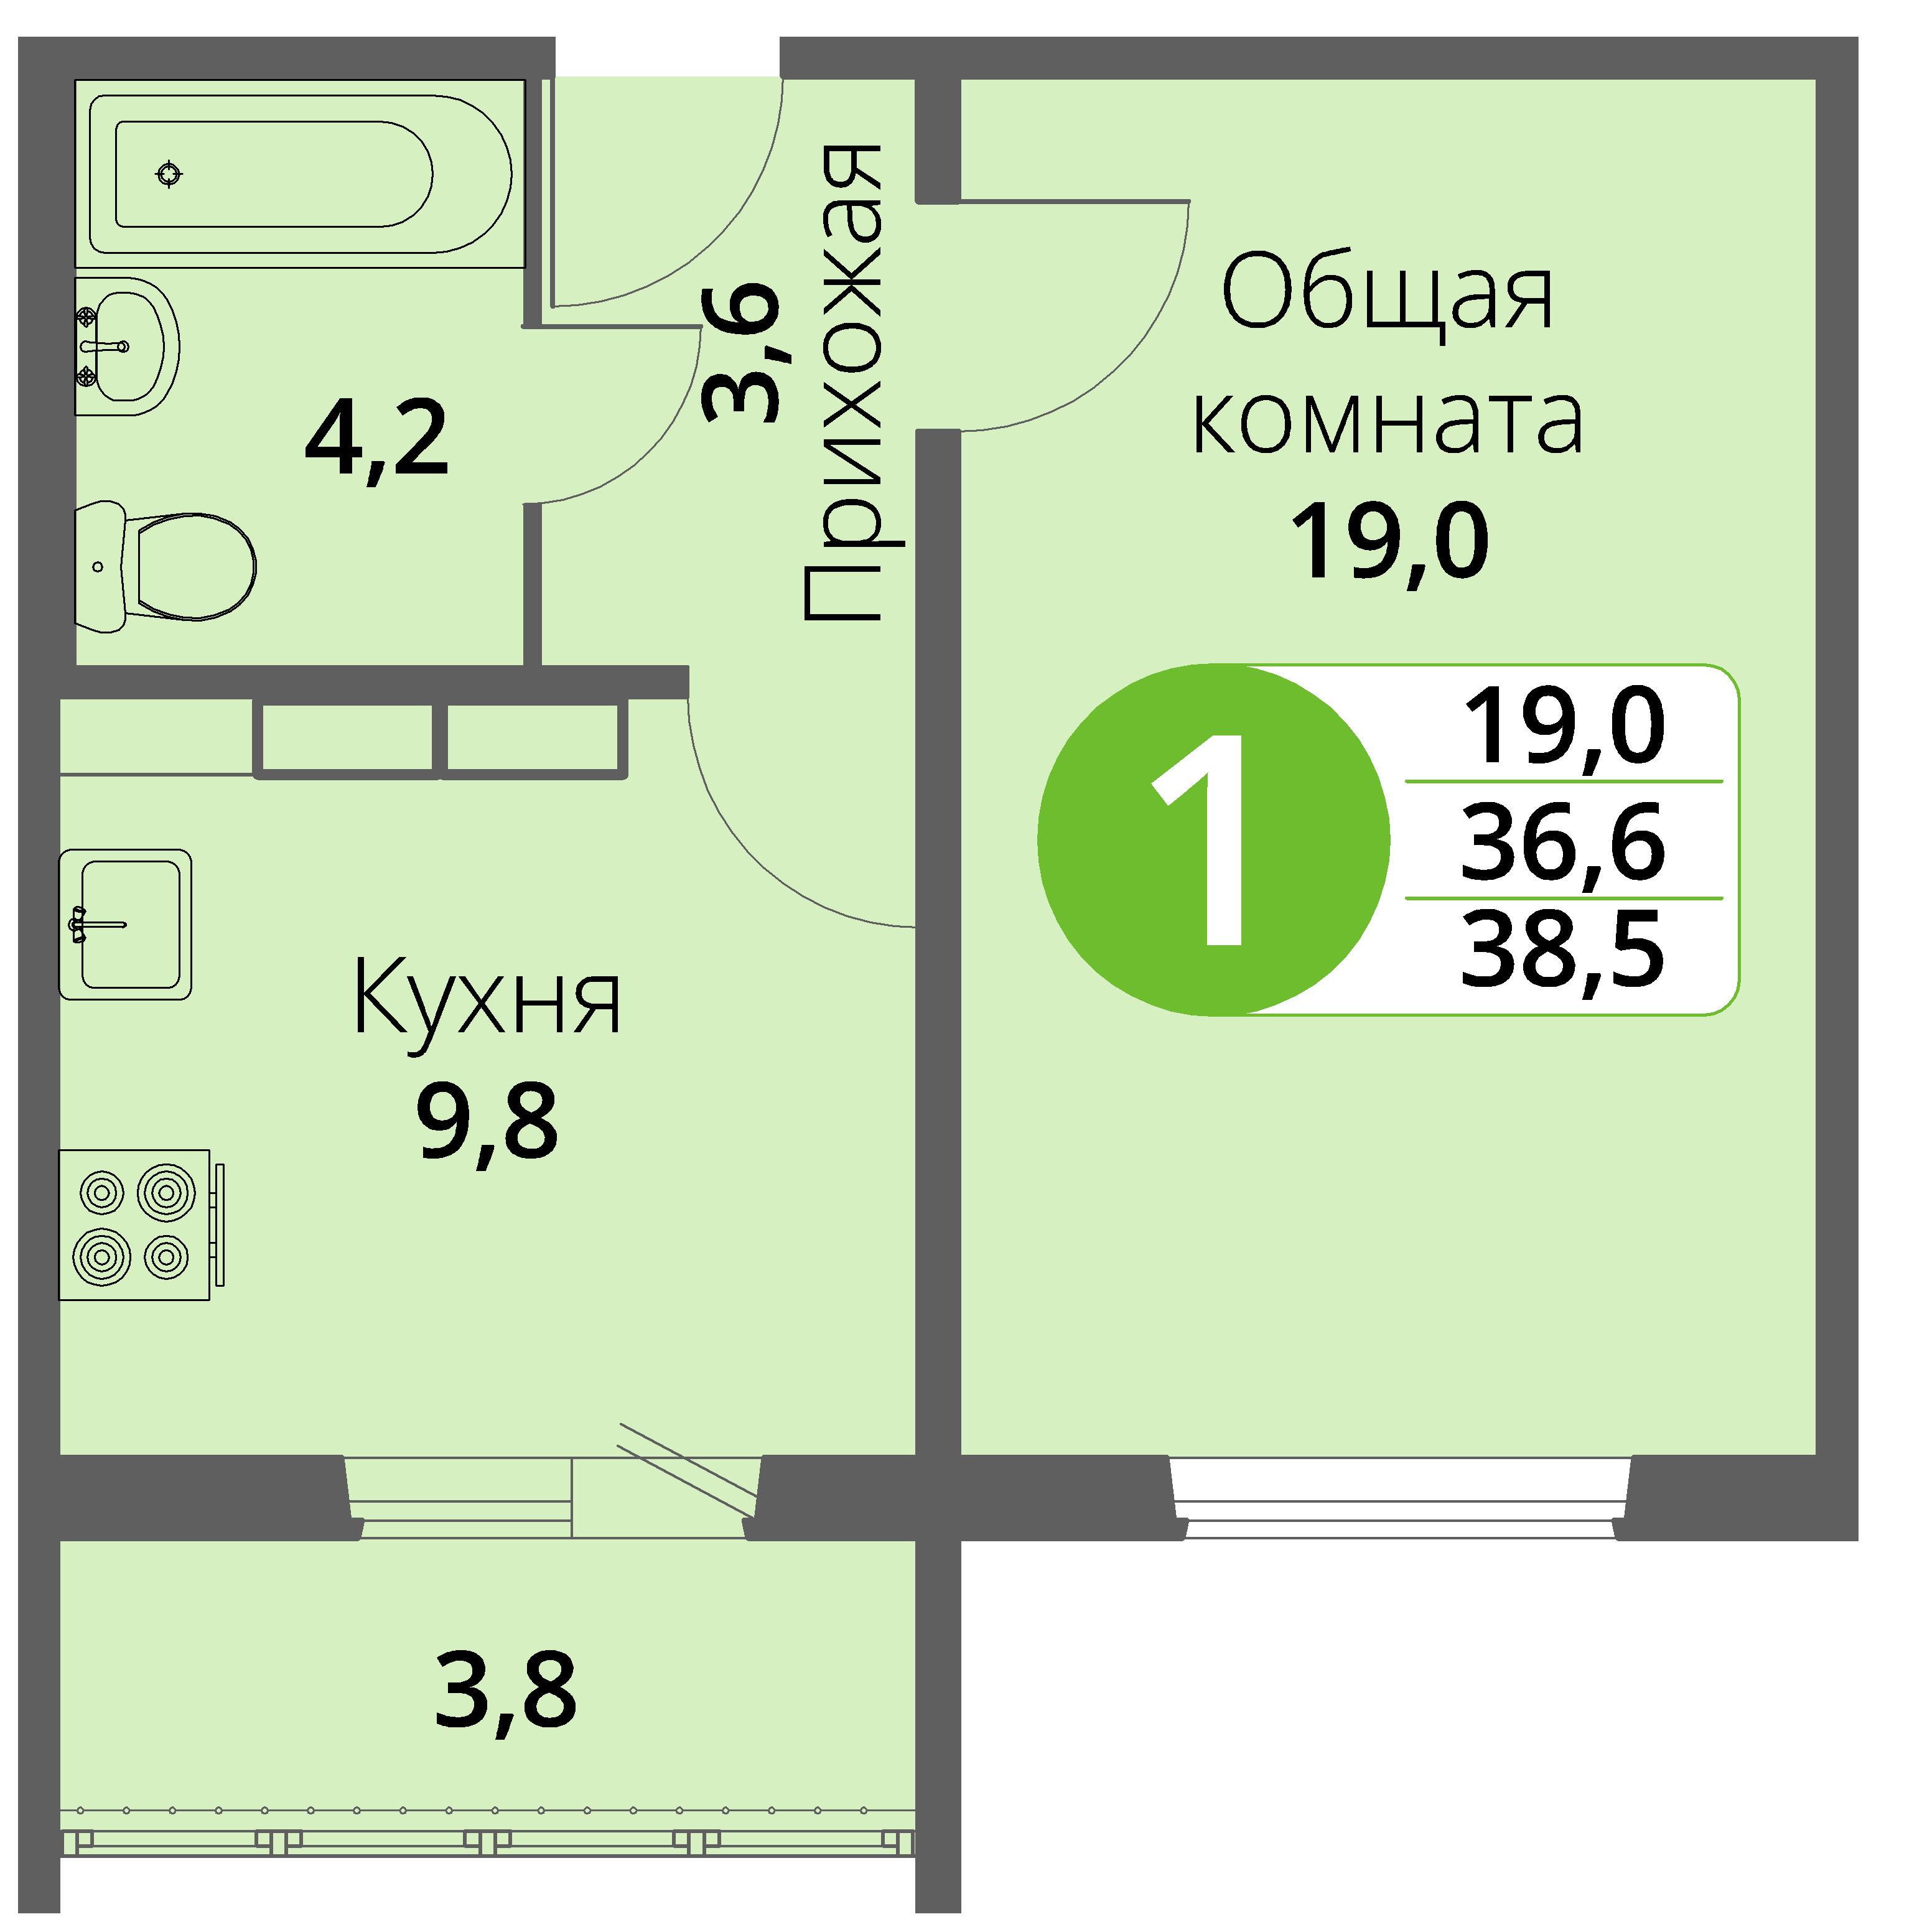 Зареченская 1-2, квартира 157 - Однокомнатная